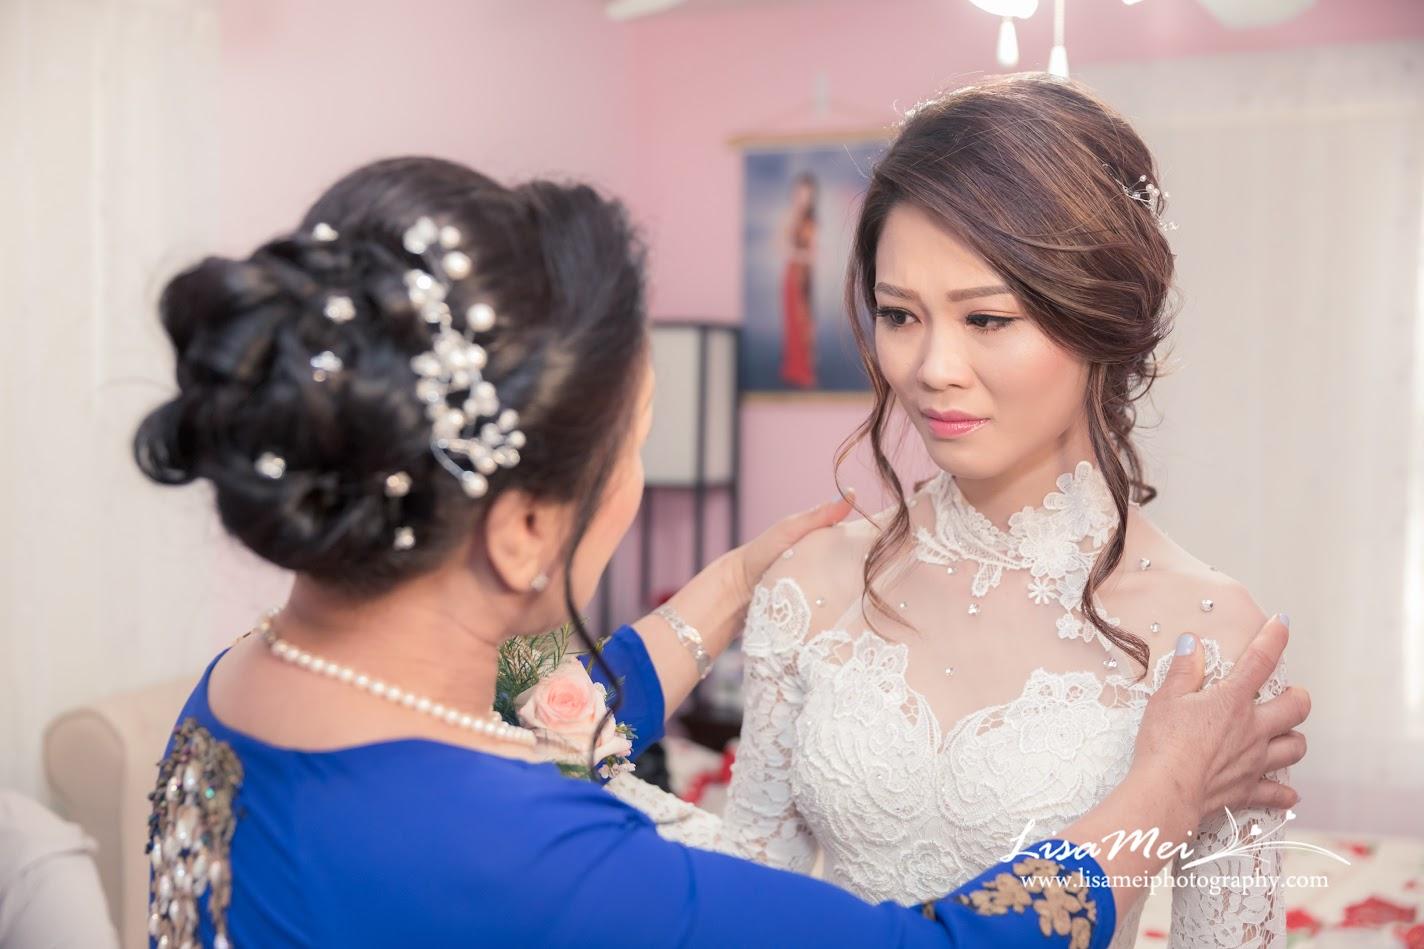 katie and jayden – traditional vietnamese wedding – lisa mei